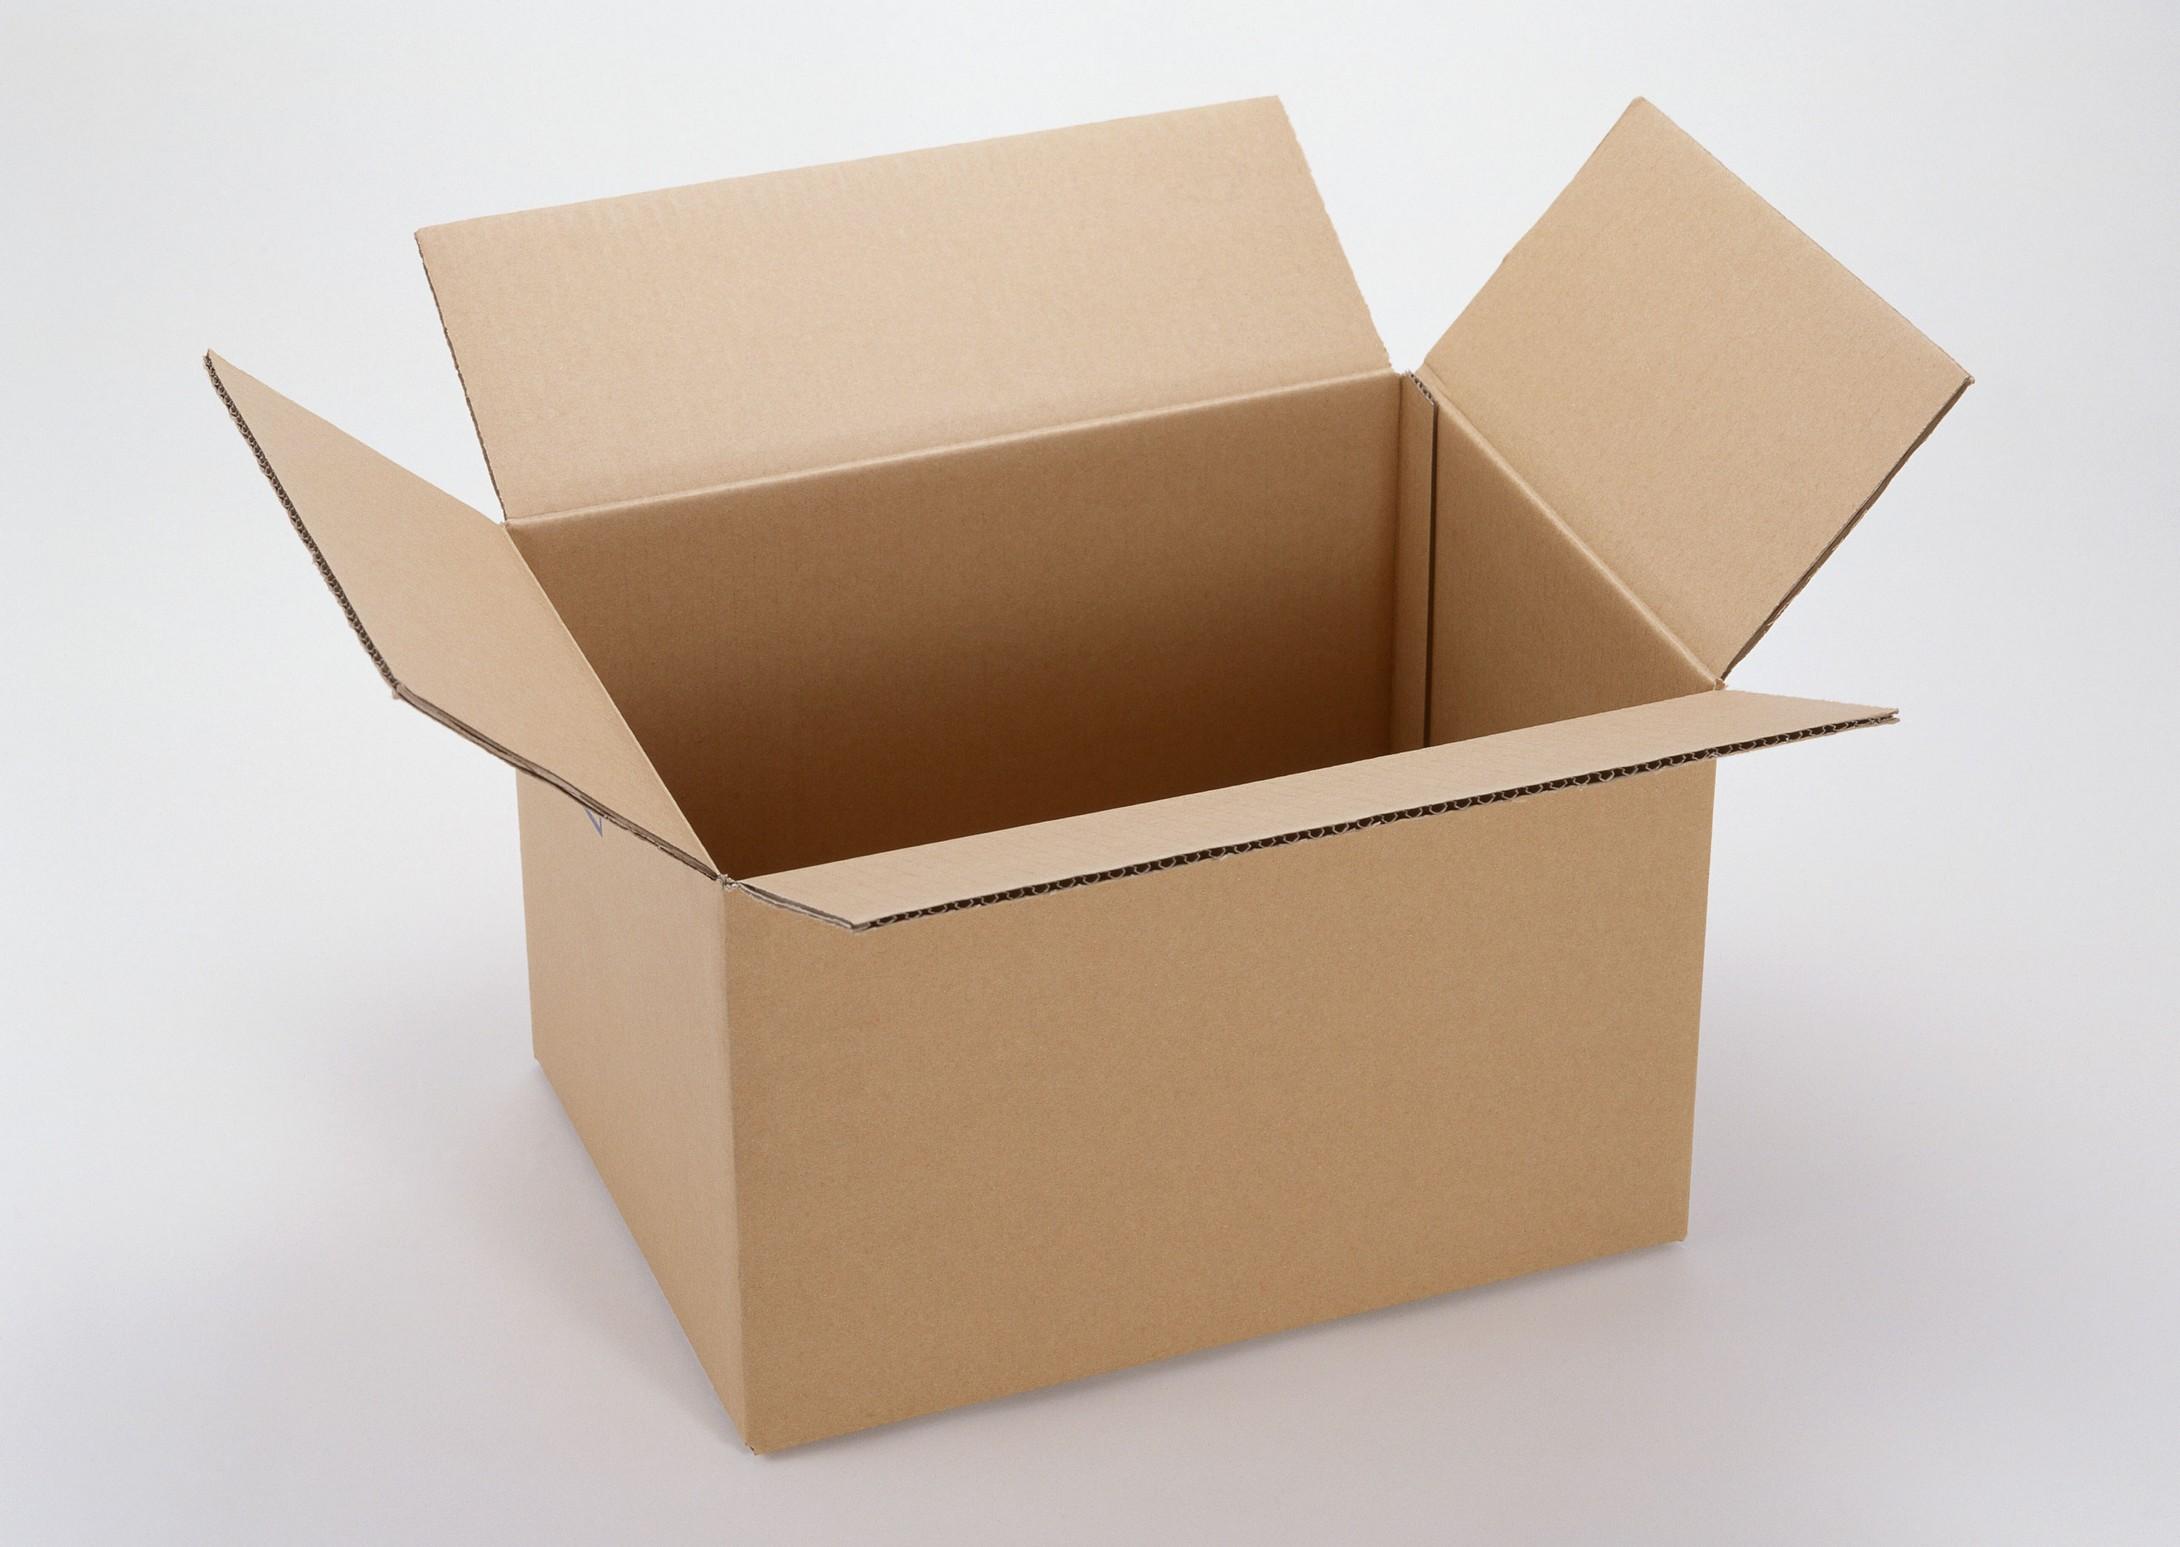 哈尔滨快递纸箱批发定做_瓦楞及箱板纸市场4月份回吐涨幅明显